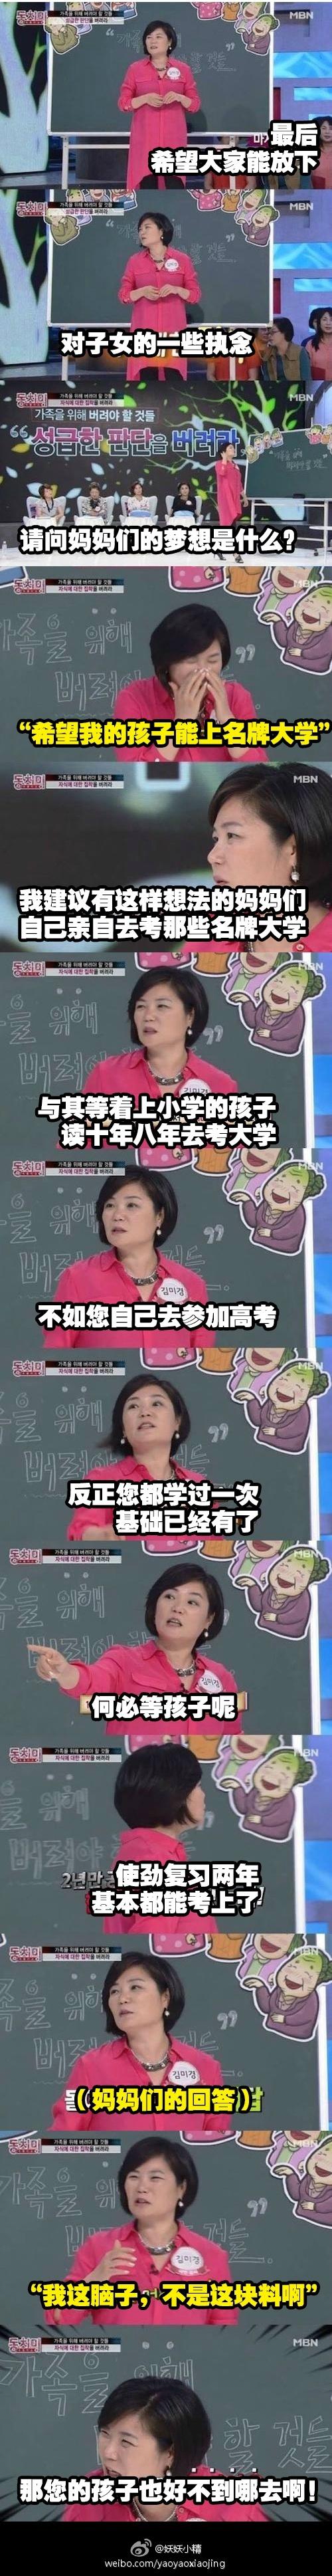 囧哥说事:雾霾天停课不停学!老师开直播学生在家666图片